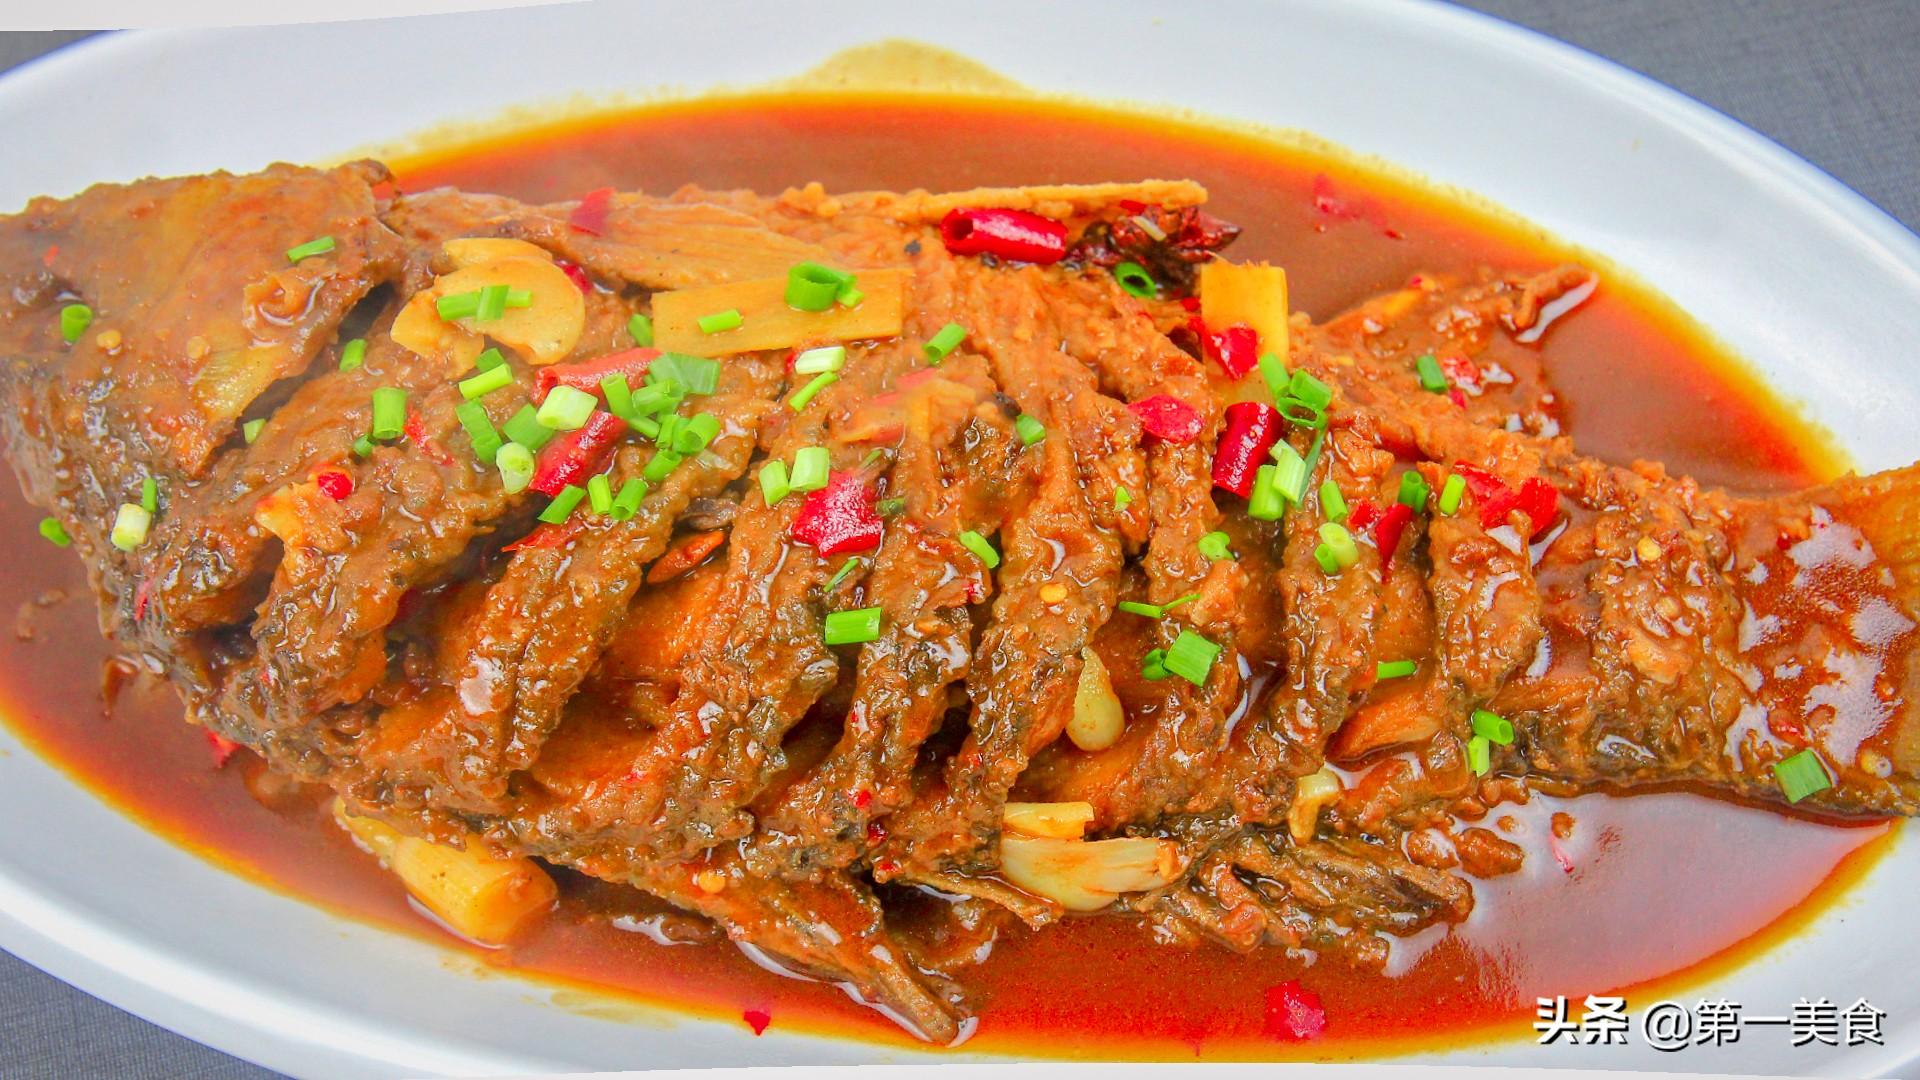 厨师长教你做家常红烧鱼,学会这些技巧,不破皮不粘锅,味道鲜美 美食做法 第13张